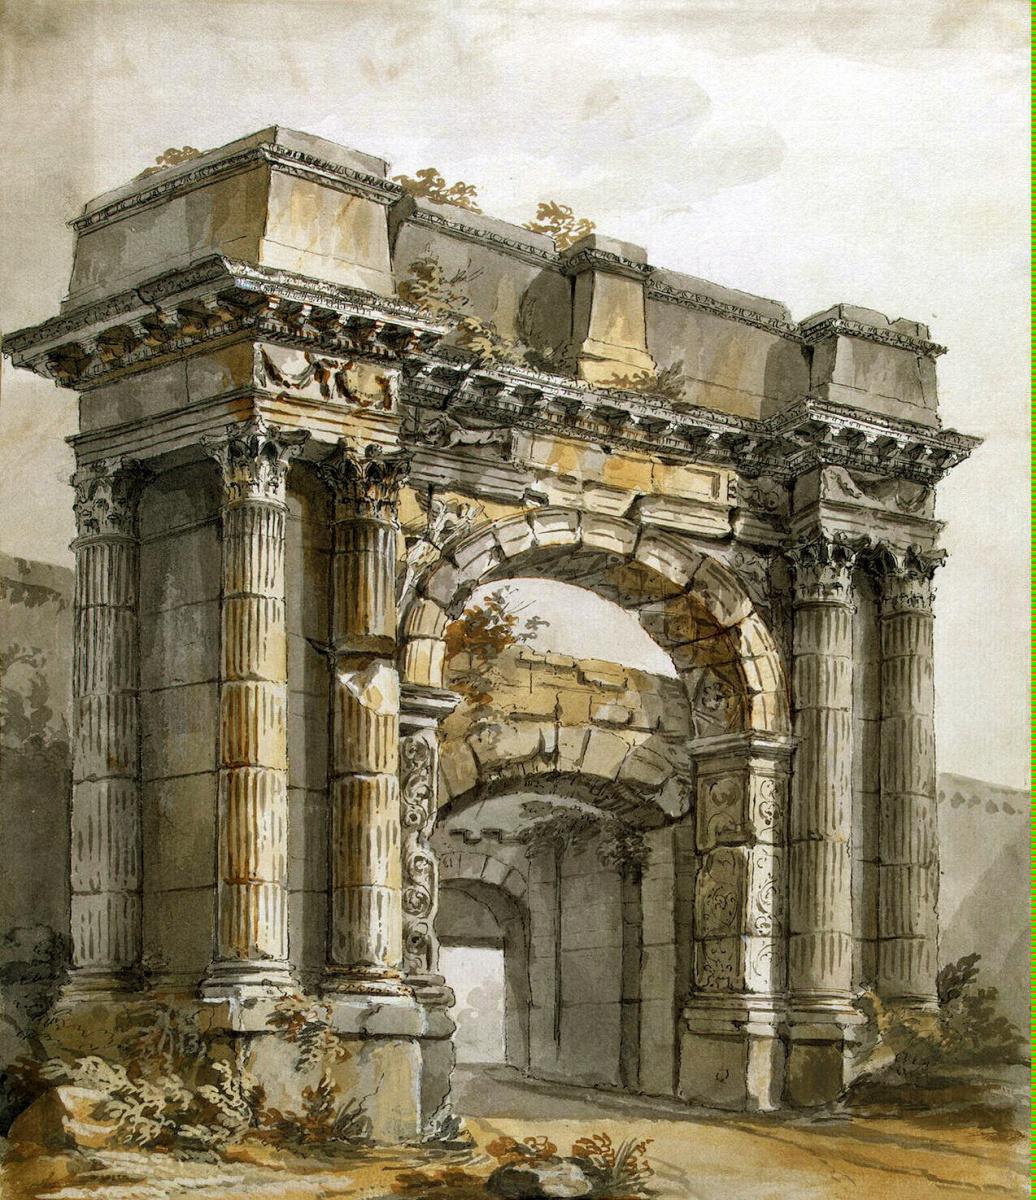 Шарль-Луи Клериссо. Триумфальная арка в Пола